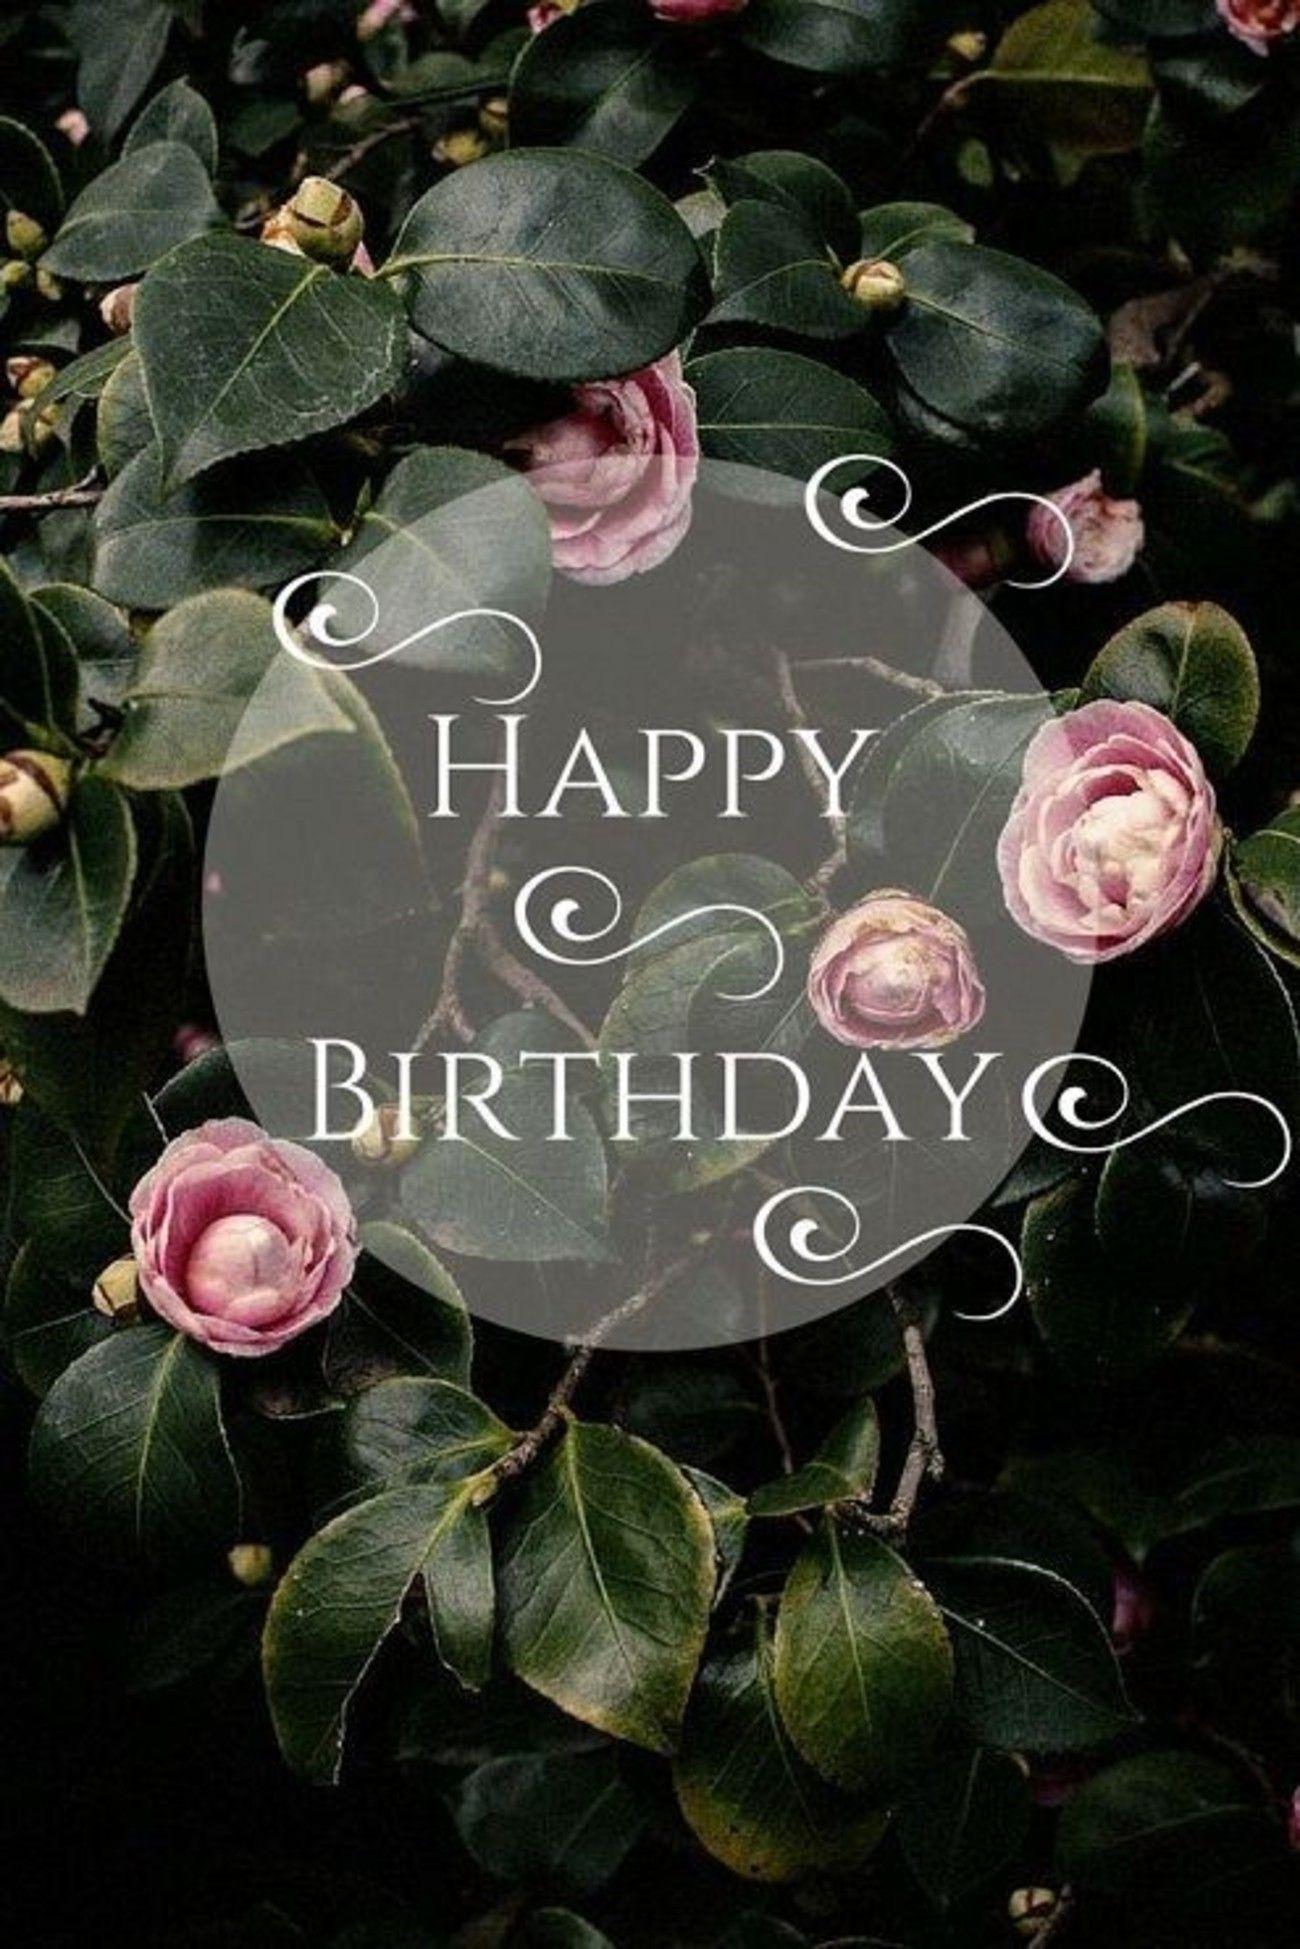 Buon Compleanno Mamma Inglese.Auguri Di Buon Compleanno In Inglese 273 Buongiorno Immagini It